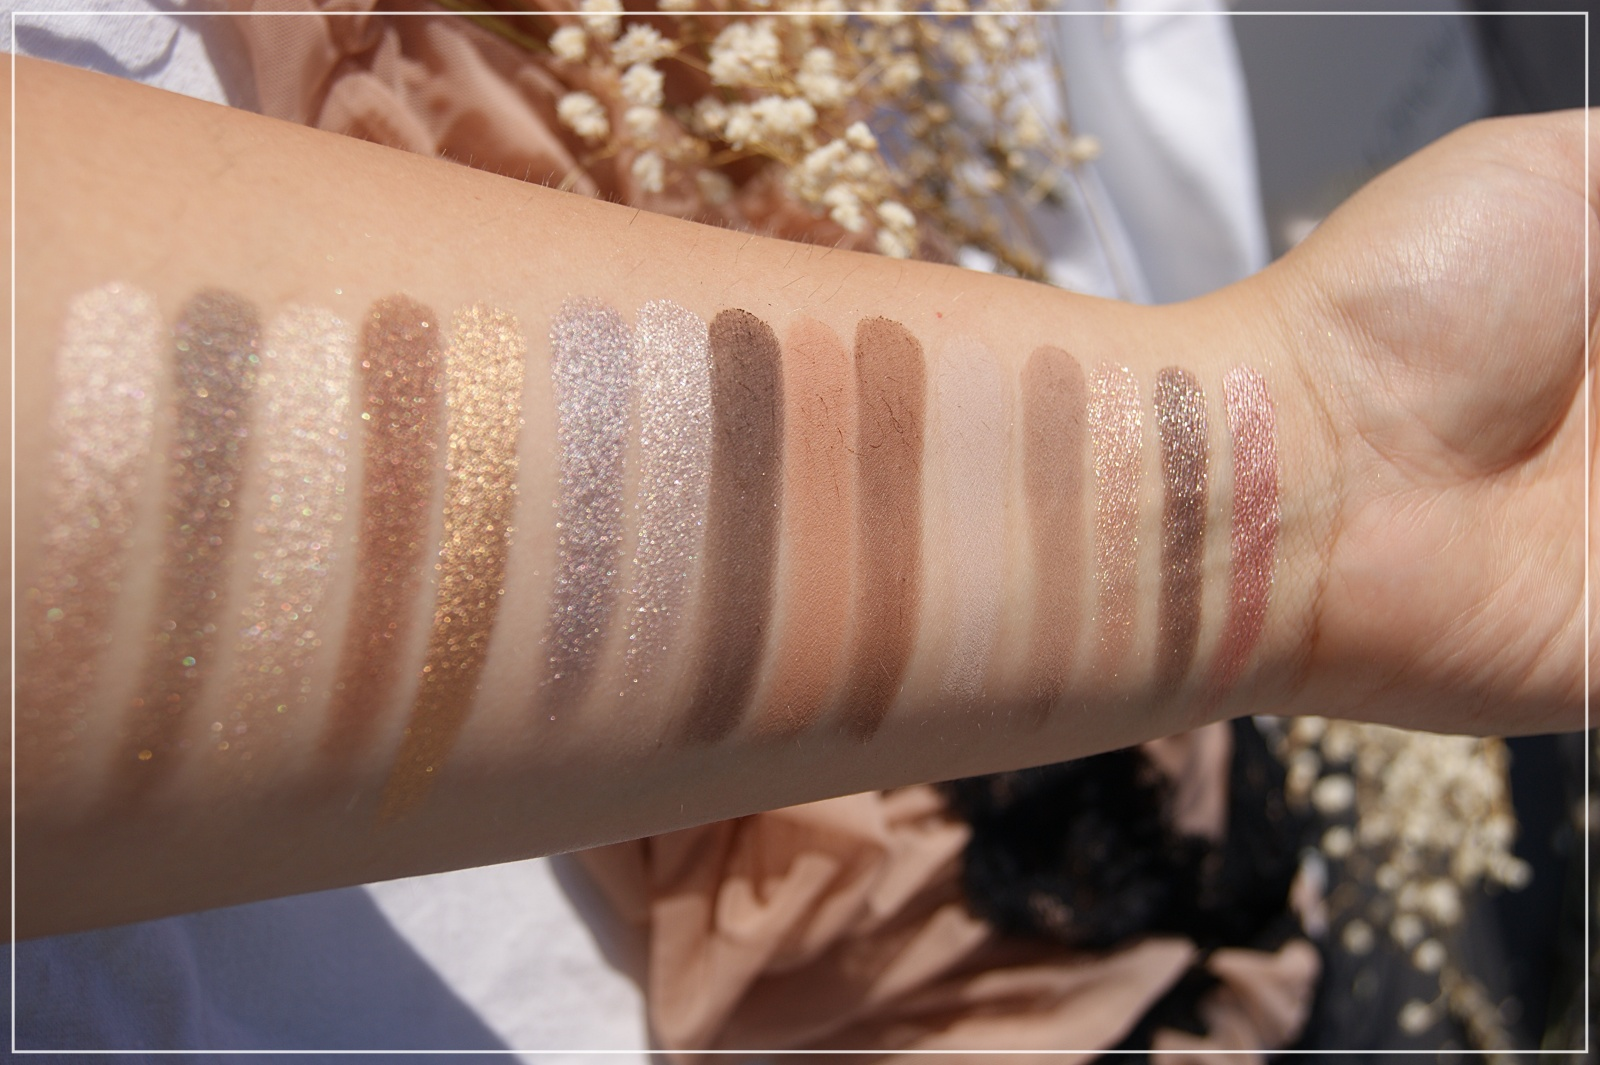 Natasha Denona Glam Palette swatches